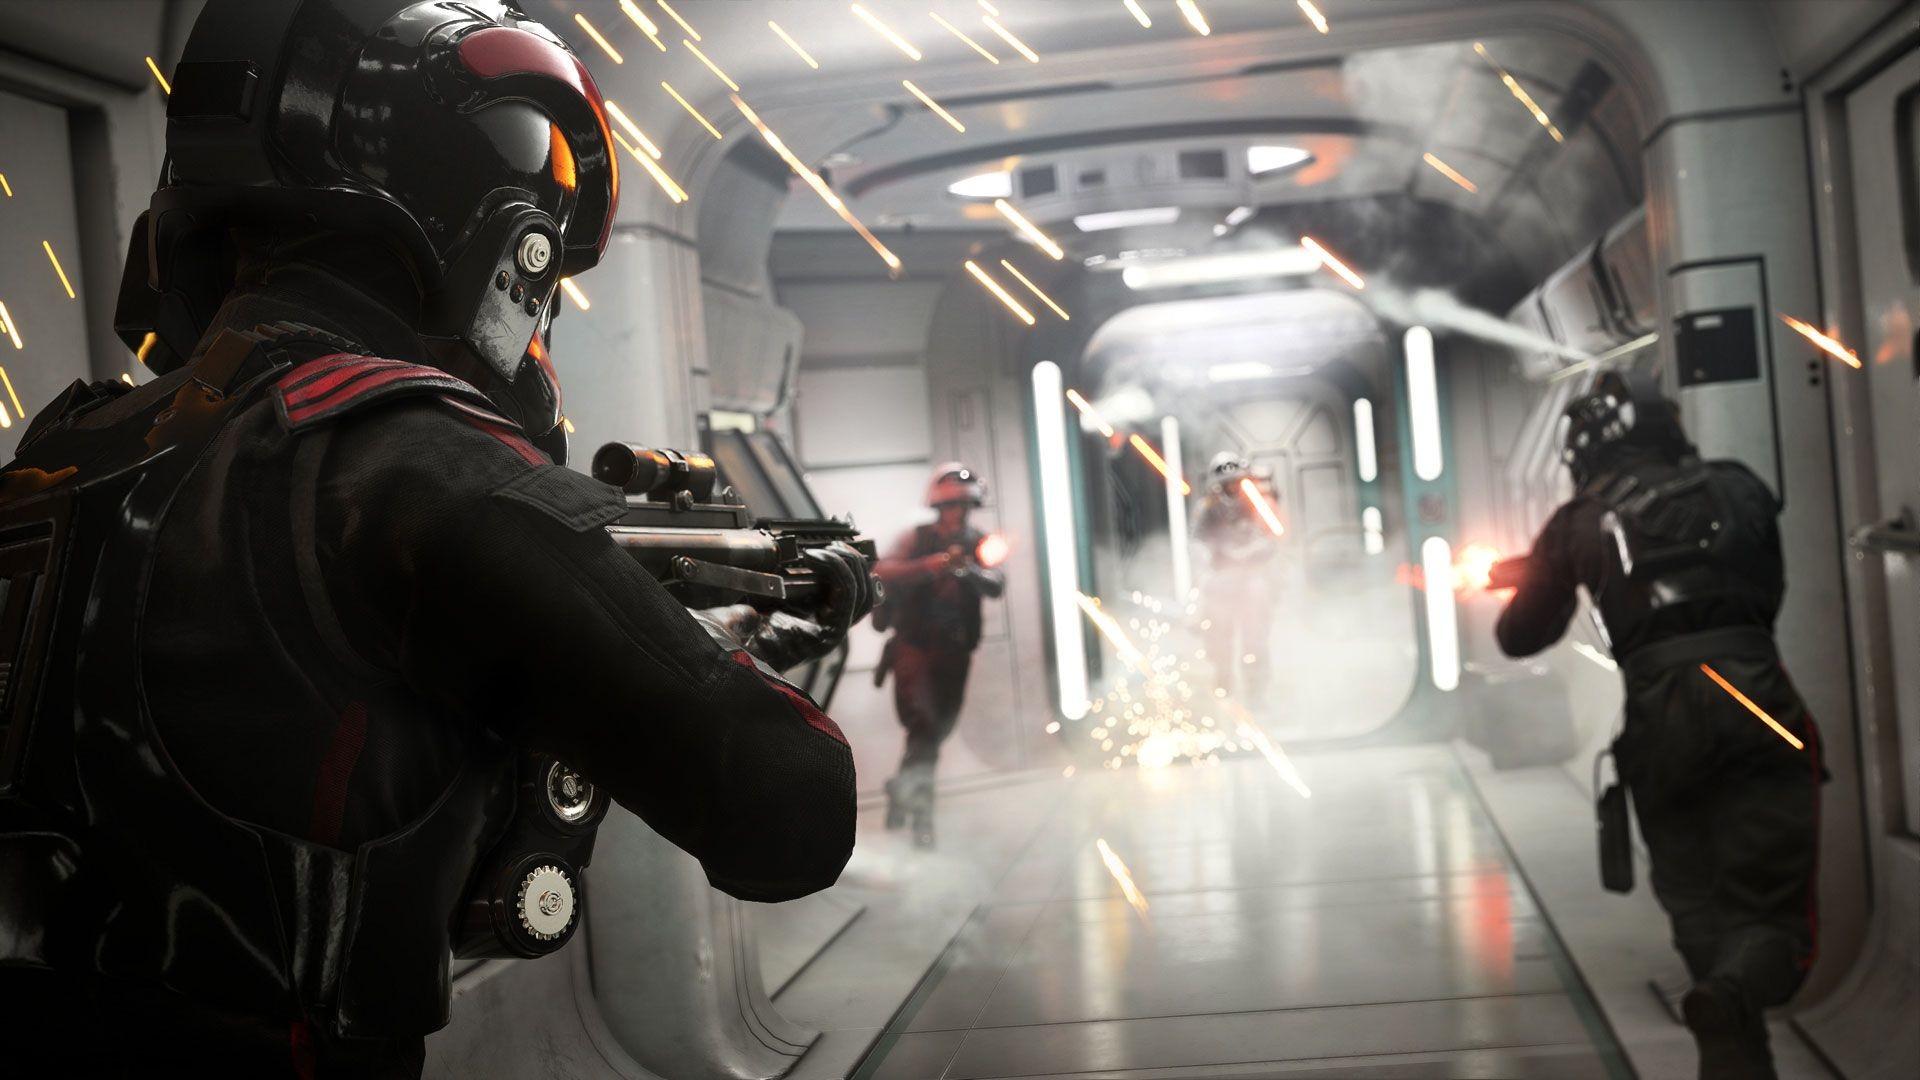 Сервера Star Wars: Battlefront 2 невыдержали наплыва игроков после бесплатной раздачи